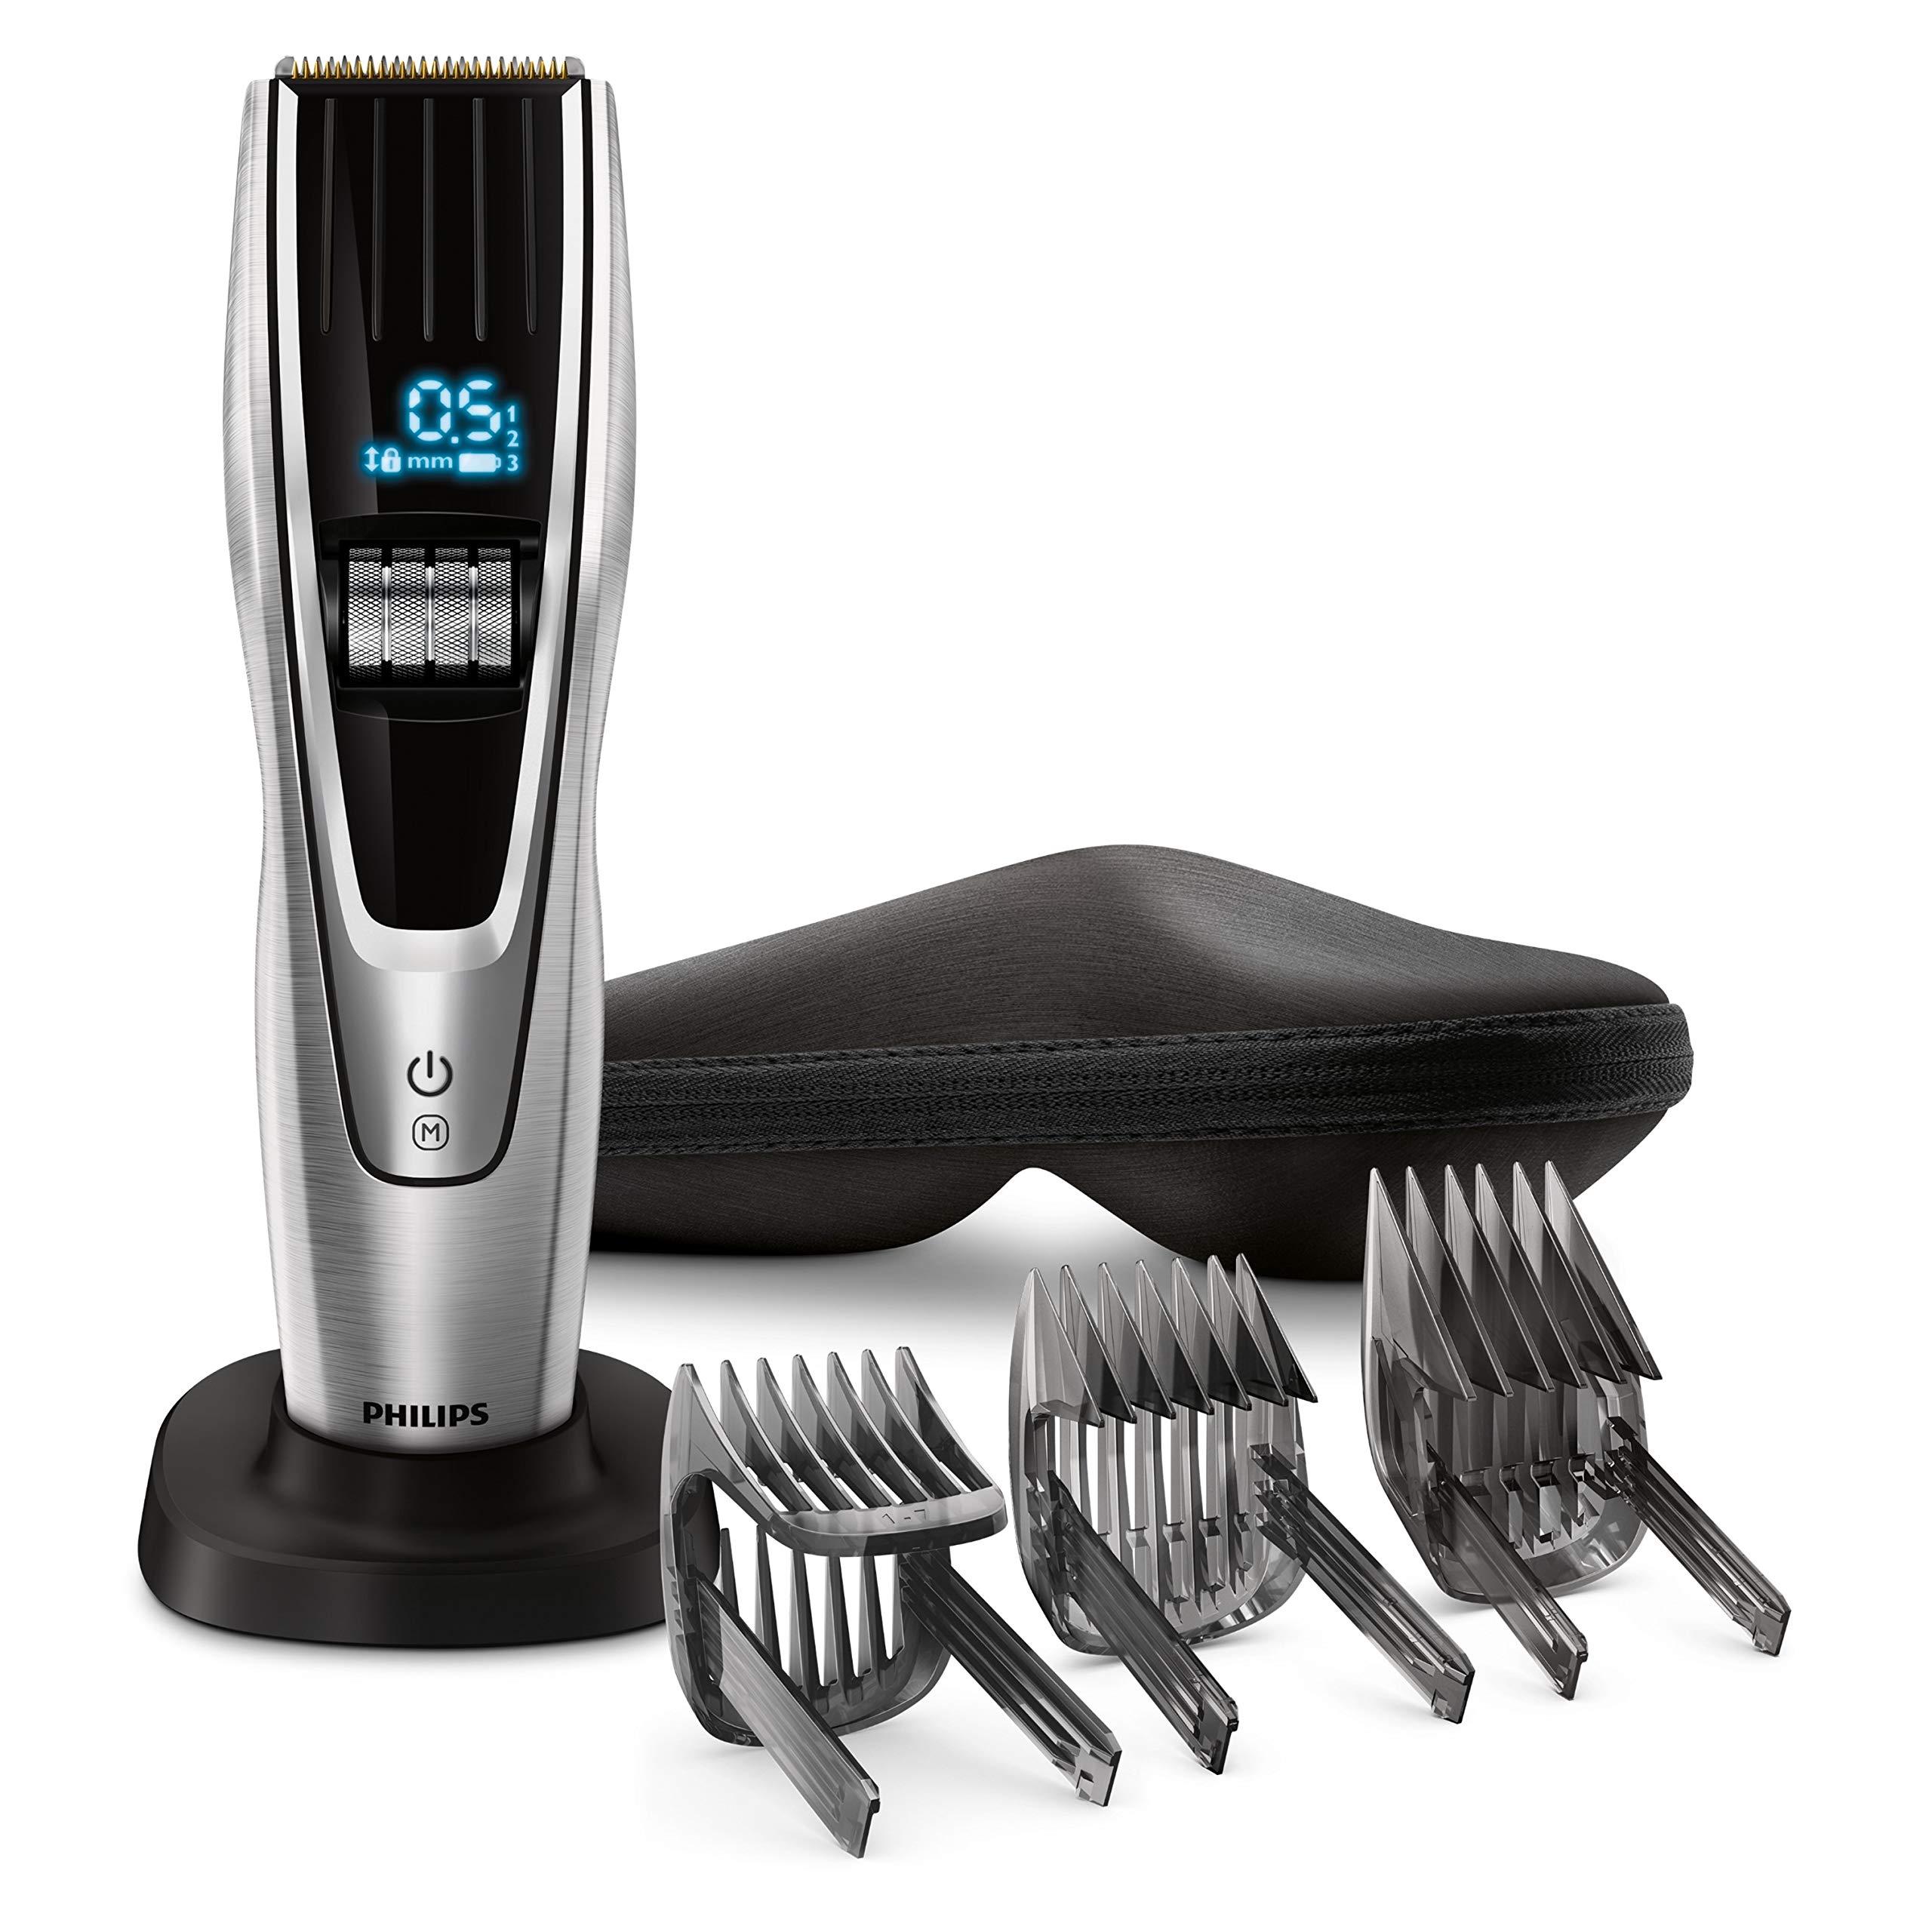 Philips Serie 9000 HC9490/15 – CortaPelos, Ajuste Fino cada 0.1 mm para Estilo Deseado, 9 Memorias Soporte de Carga y Funda, 180 min de Uso